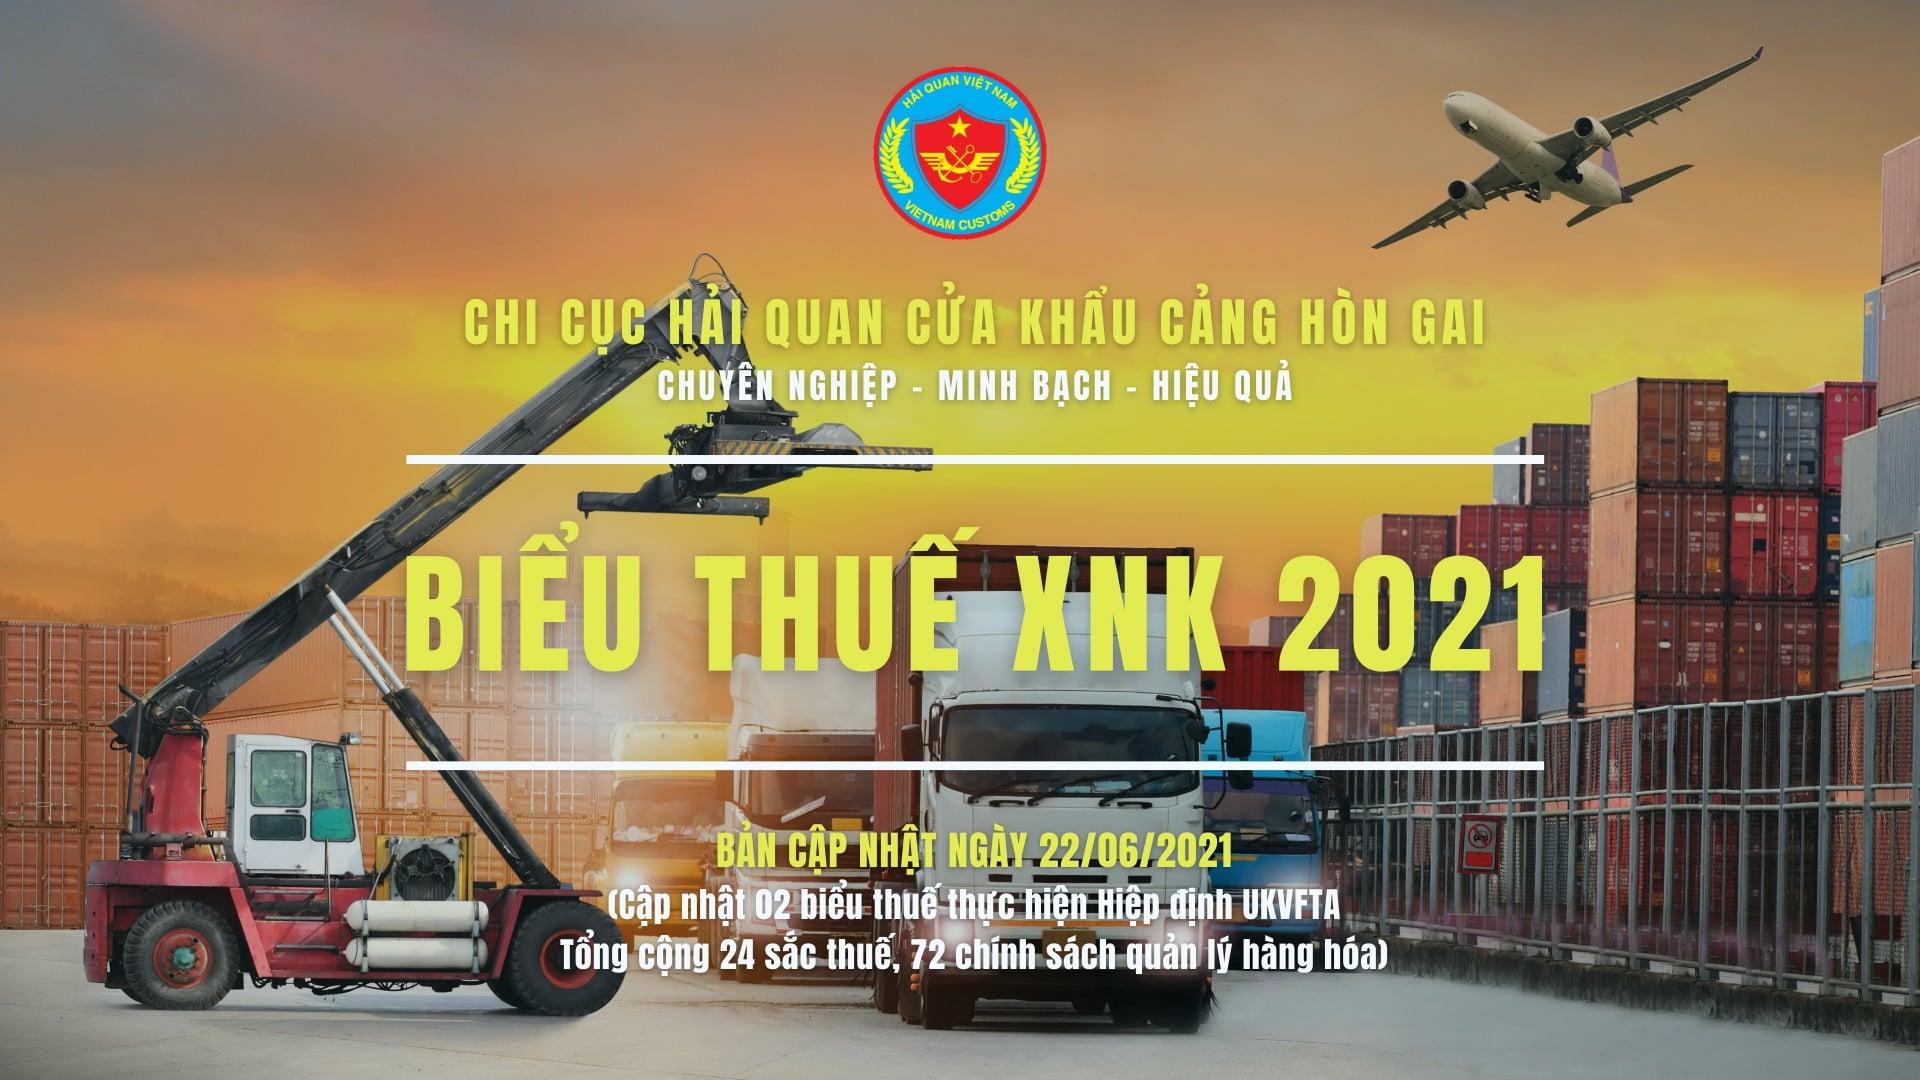 CẬP NHẬT BIỂU THUẾ XUẤT NHẬP KHẨU 2021 (Bản cập nhật ngày 22/06/2021)